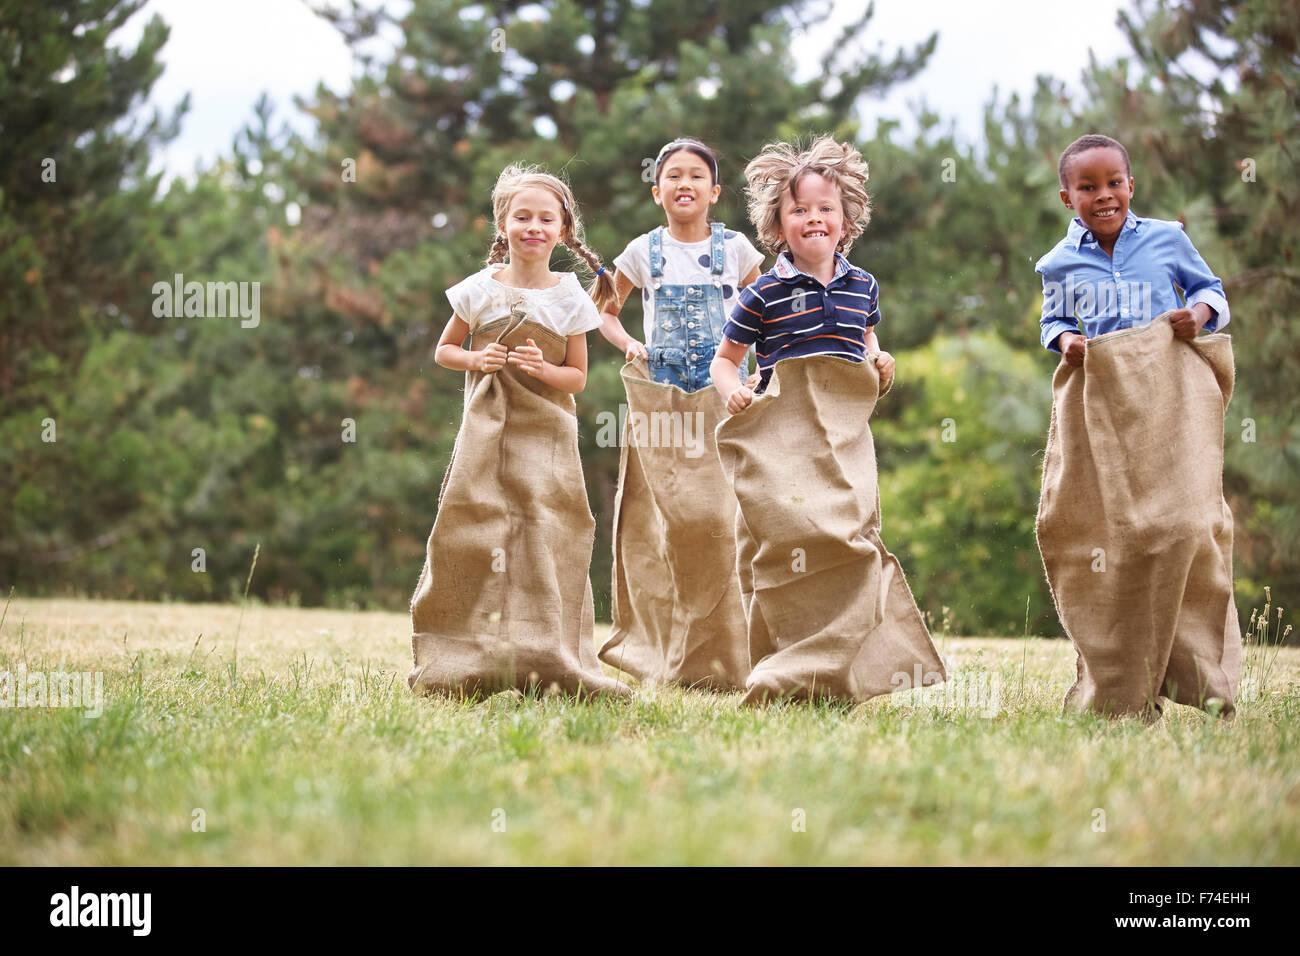 Los niños se diviertan en carrera de sacos en el parque Imagen De Stock